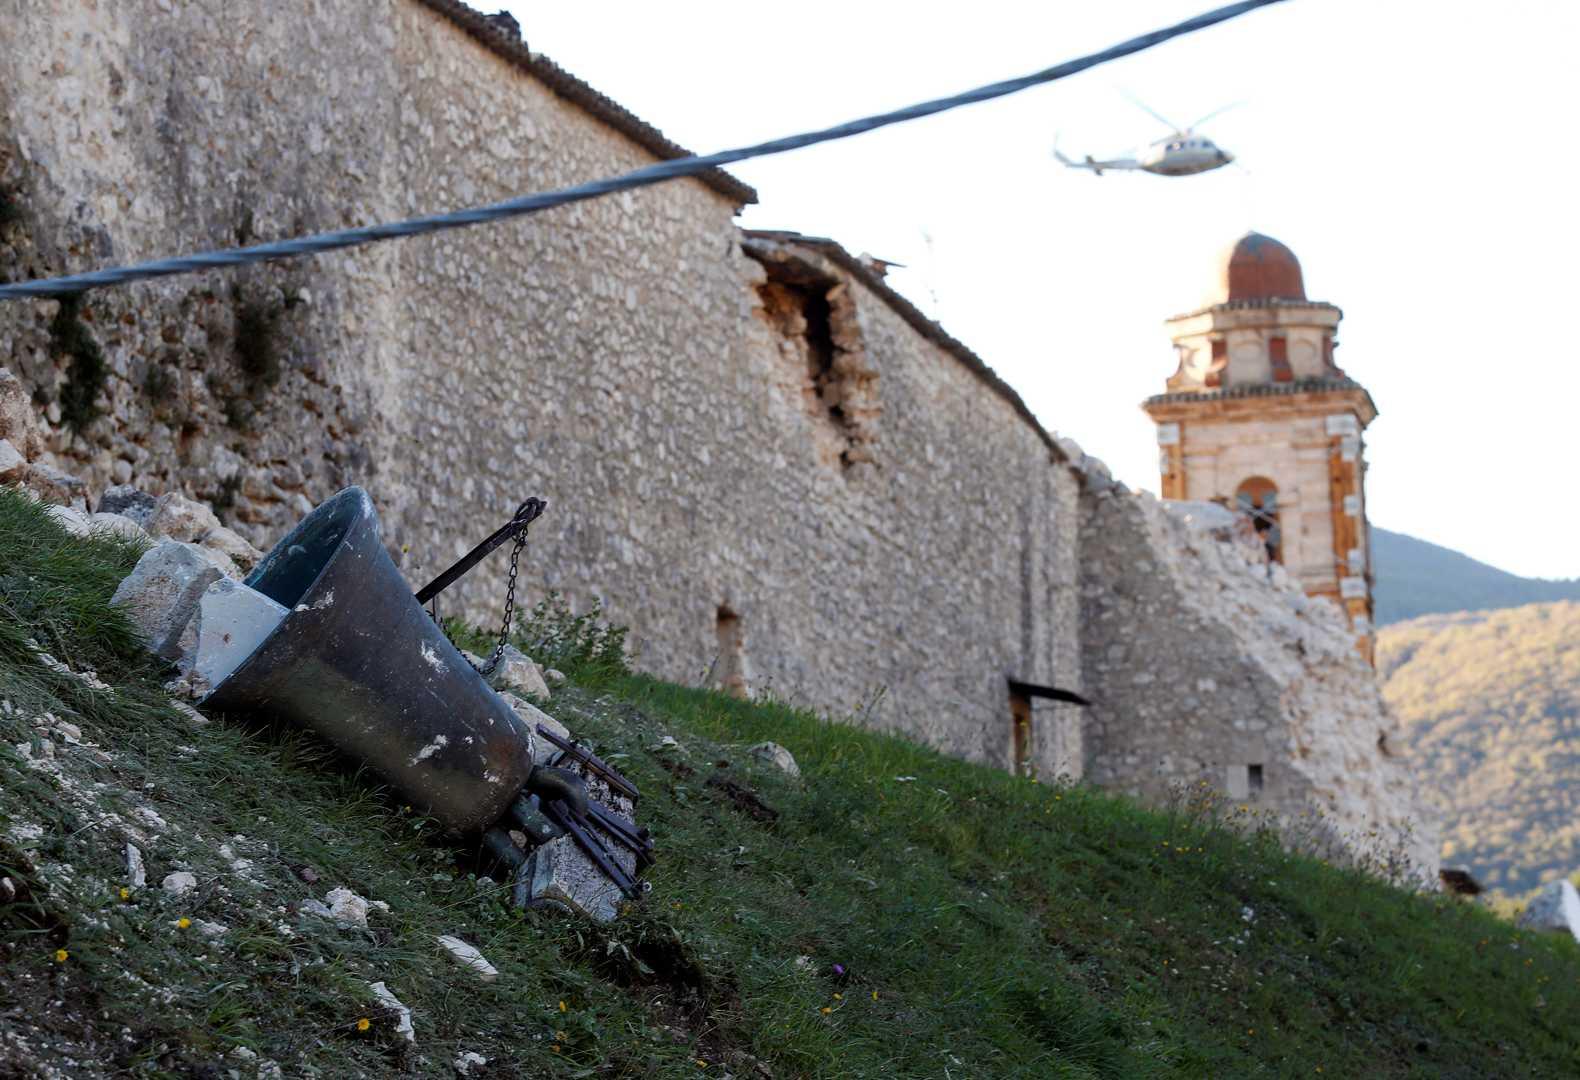 Un nuevo movimiento de 4.7 sacudió el pueblo de Ussita trayéndose abajo diferentes estructuras